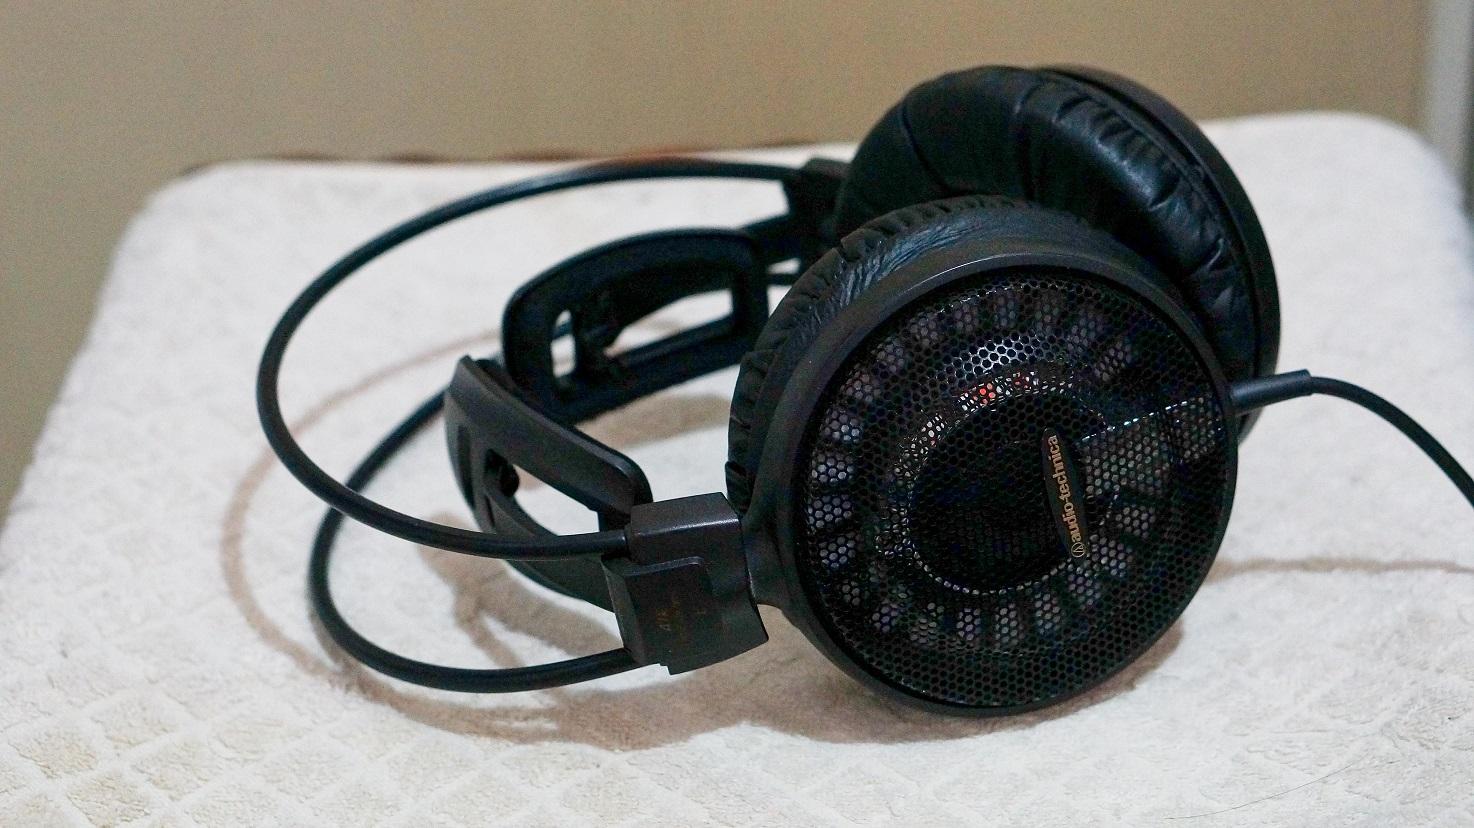 Audio Technica AD900x